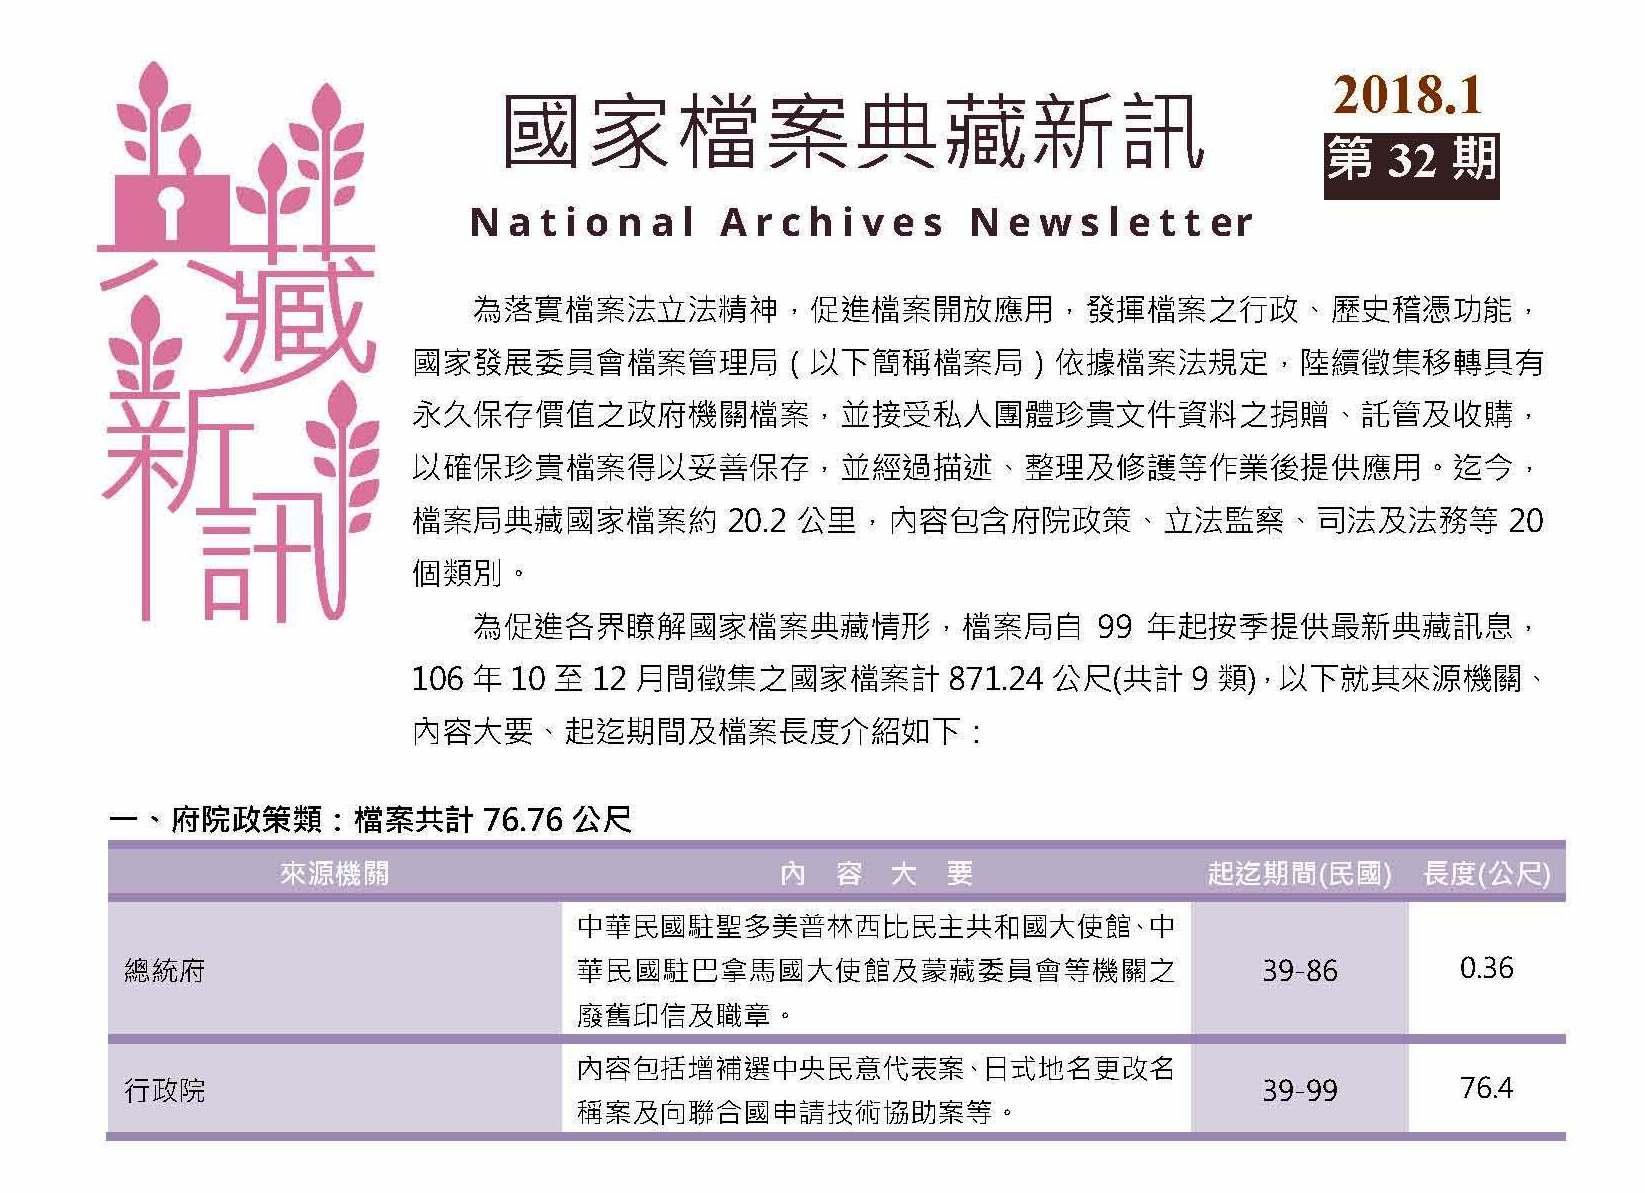 「國家檔案典藏新訊」第32期出刊